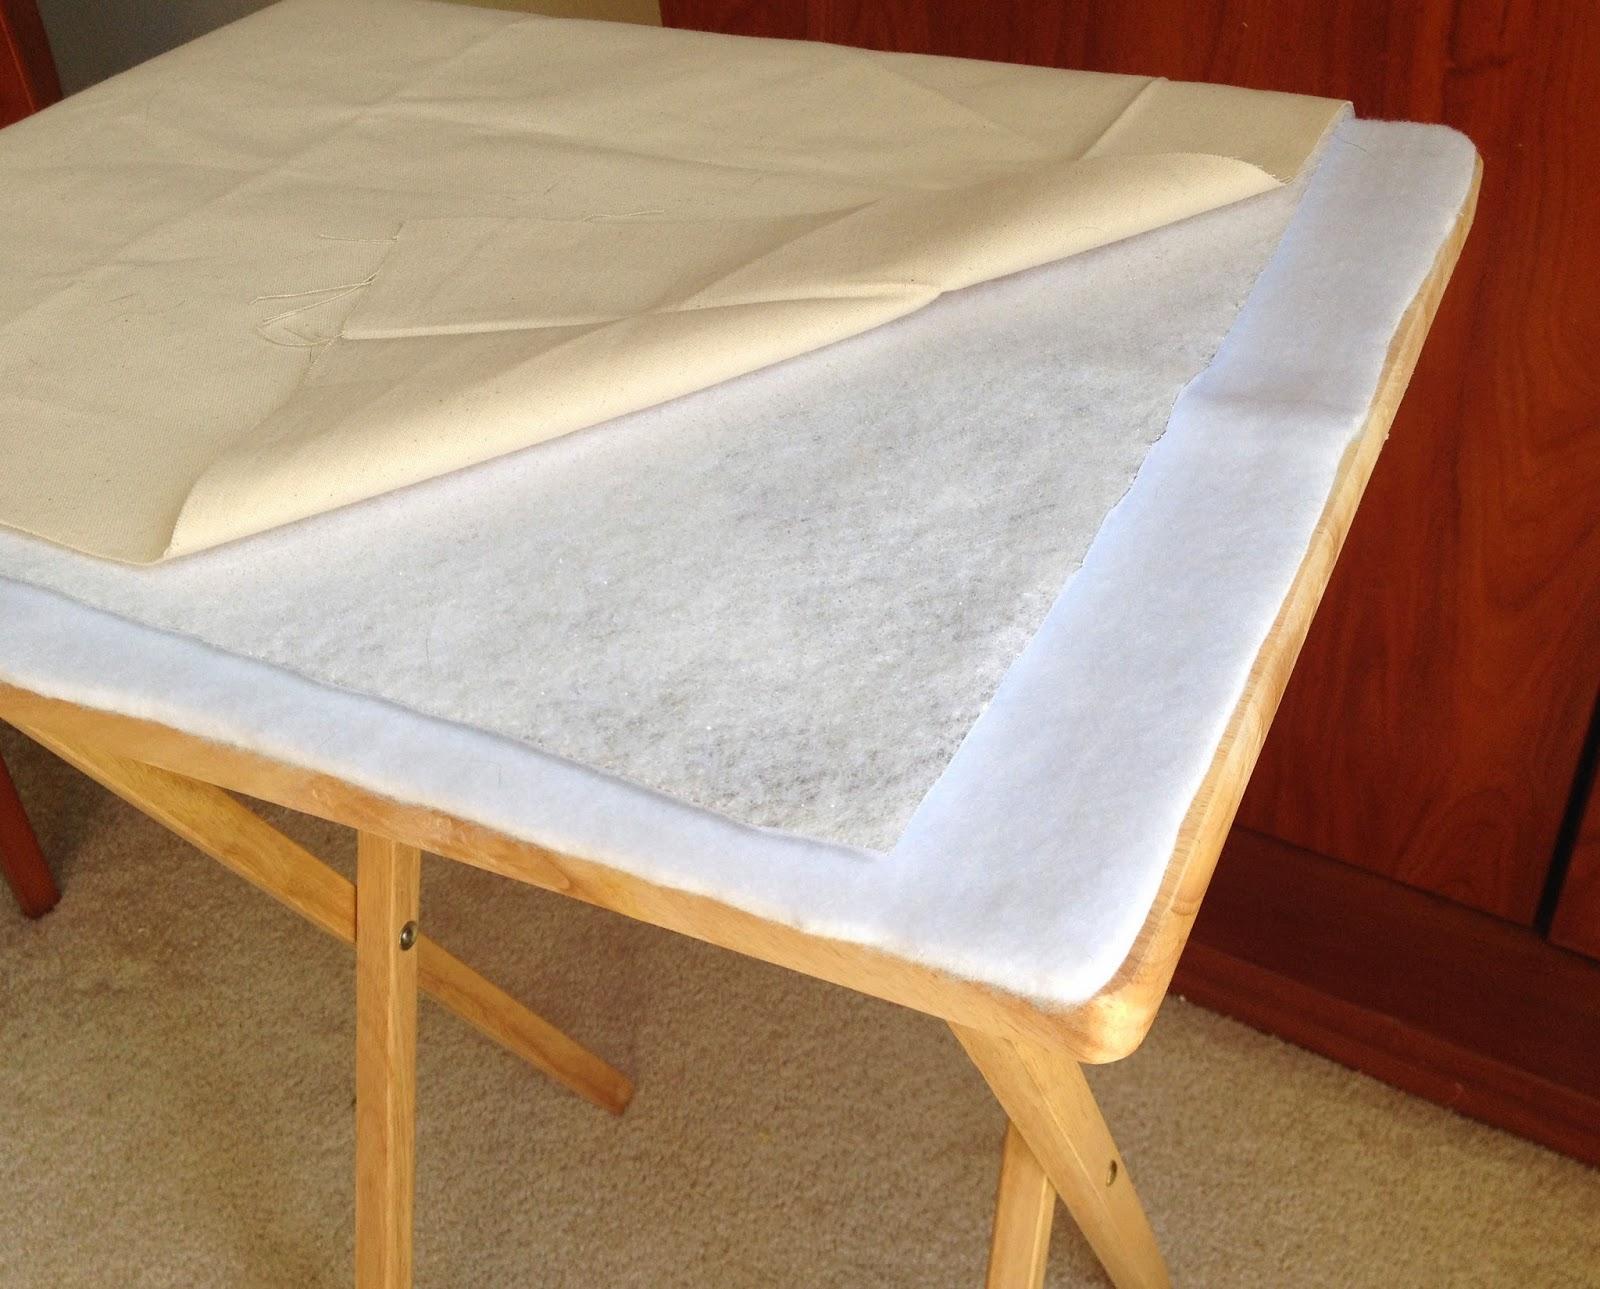 Como hacer una mesa rebatible cmo hacer una mesa plegable - Como hacer una mesa plegable ...